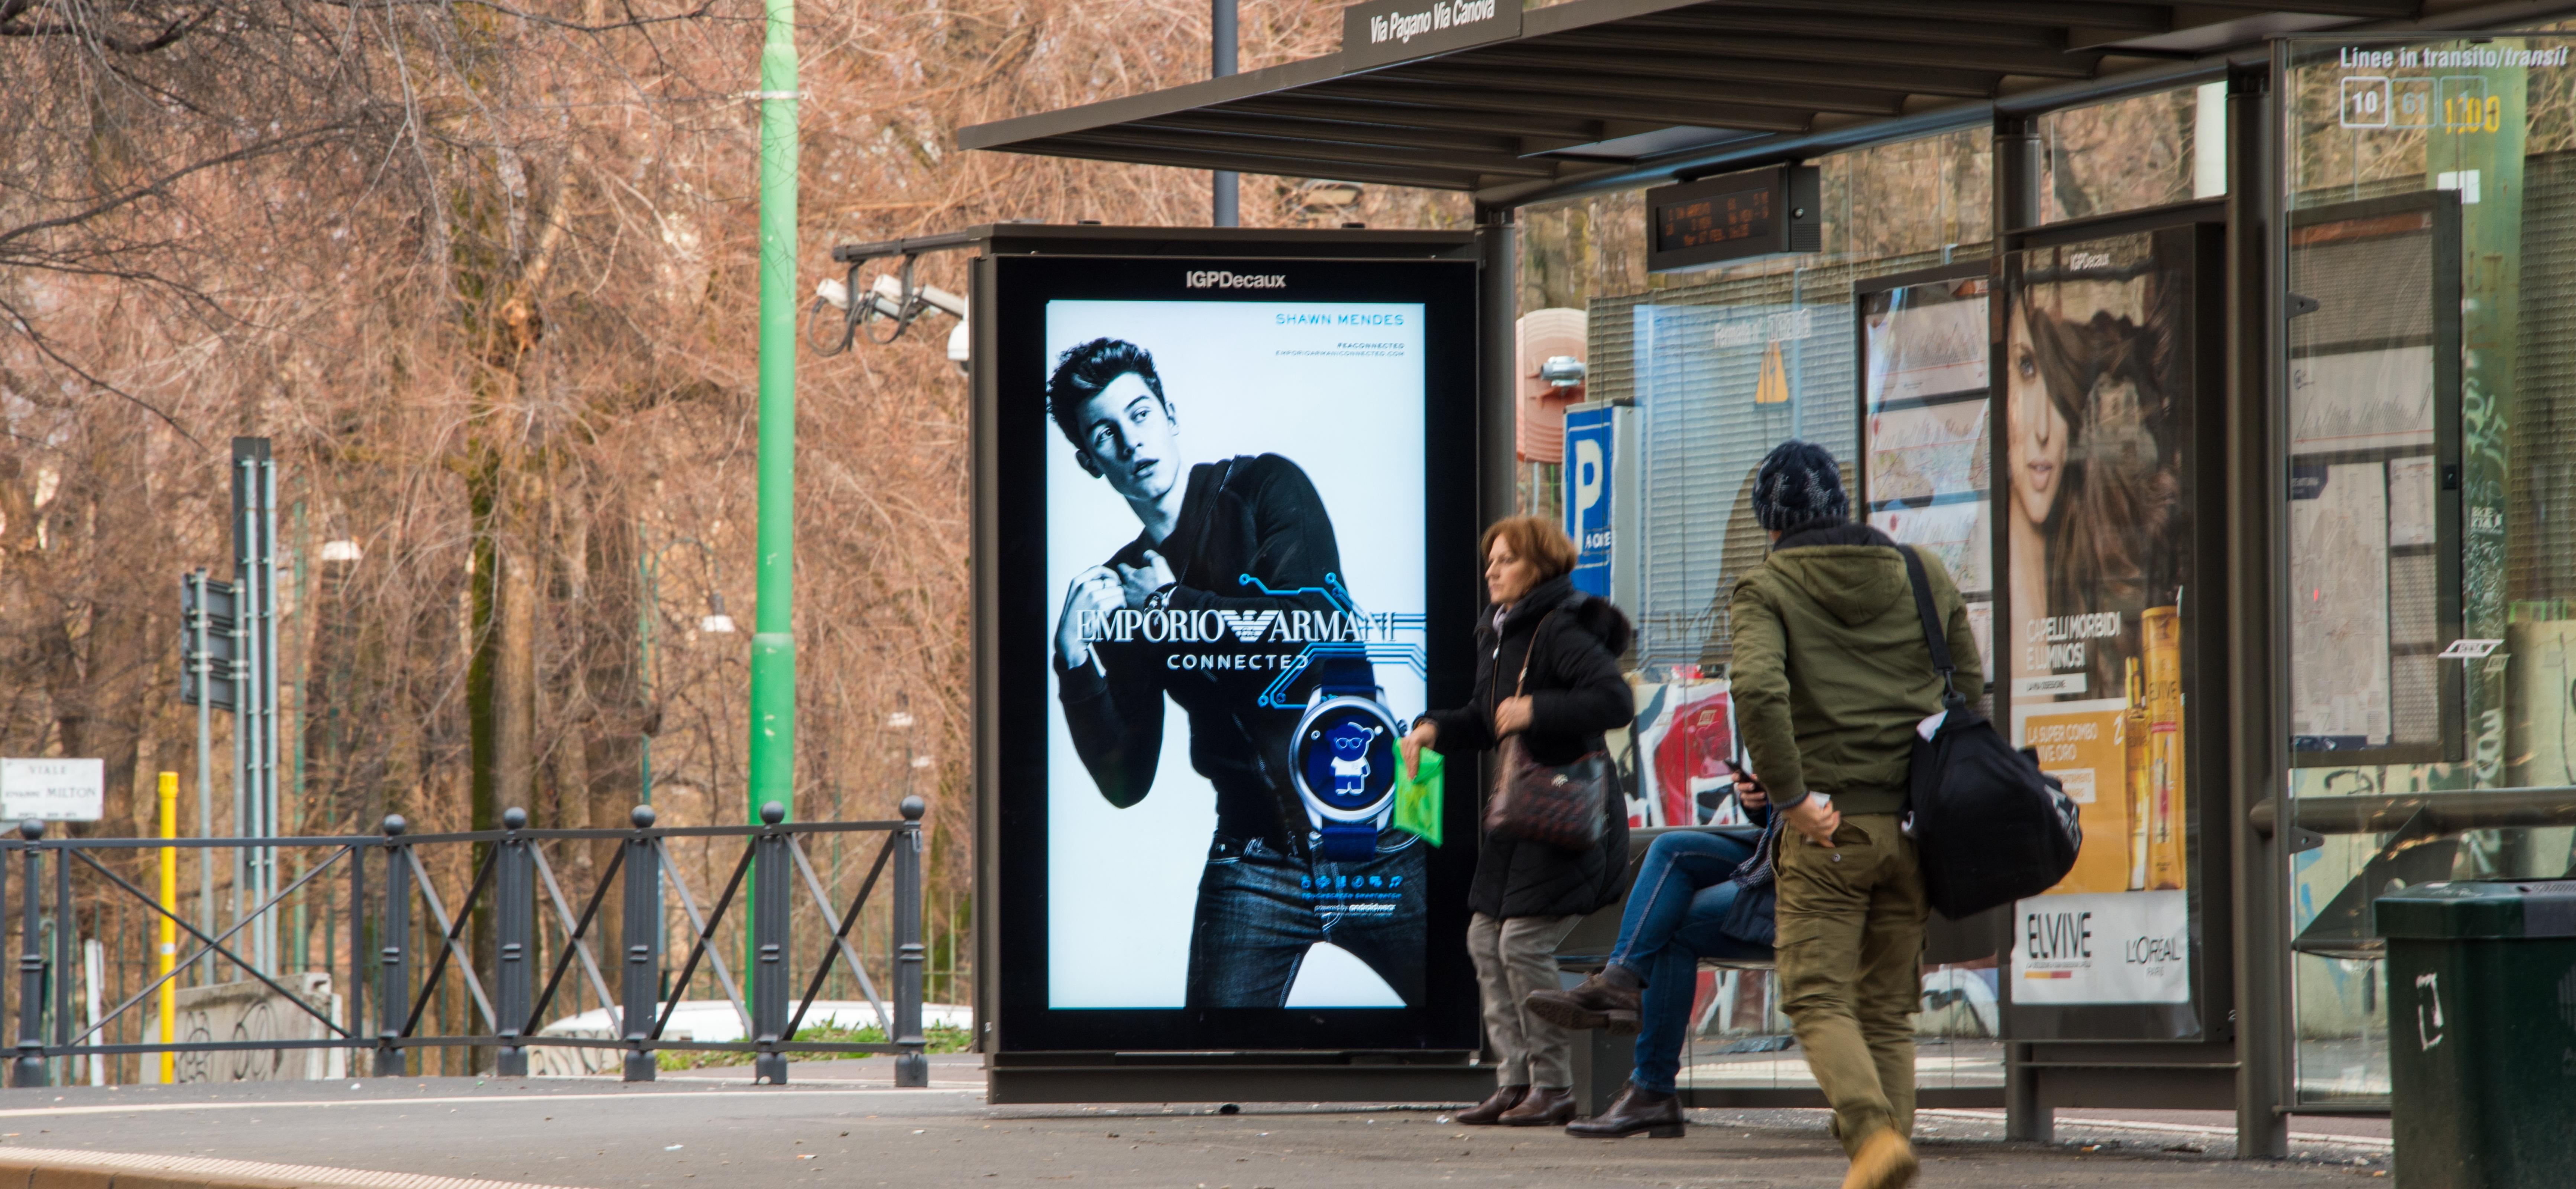 Pensiline digitali a Milano per Armani